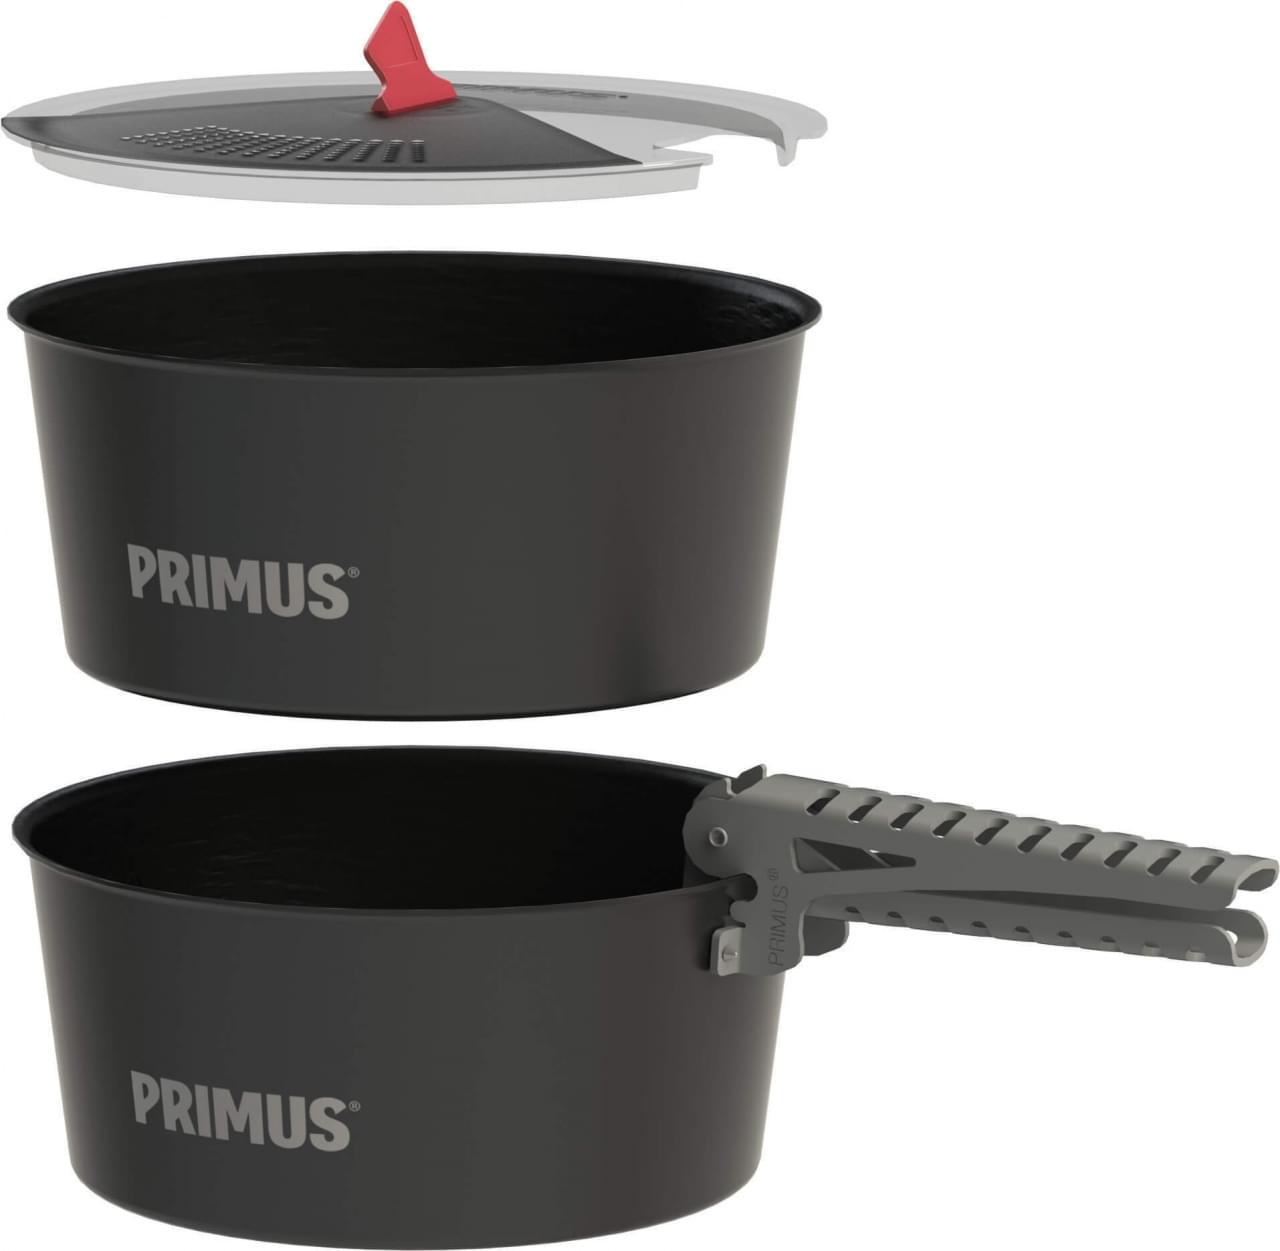 Primus LiTech Pot Set 1.3L Pannenset